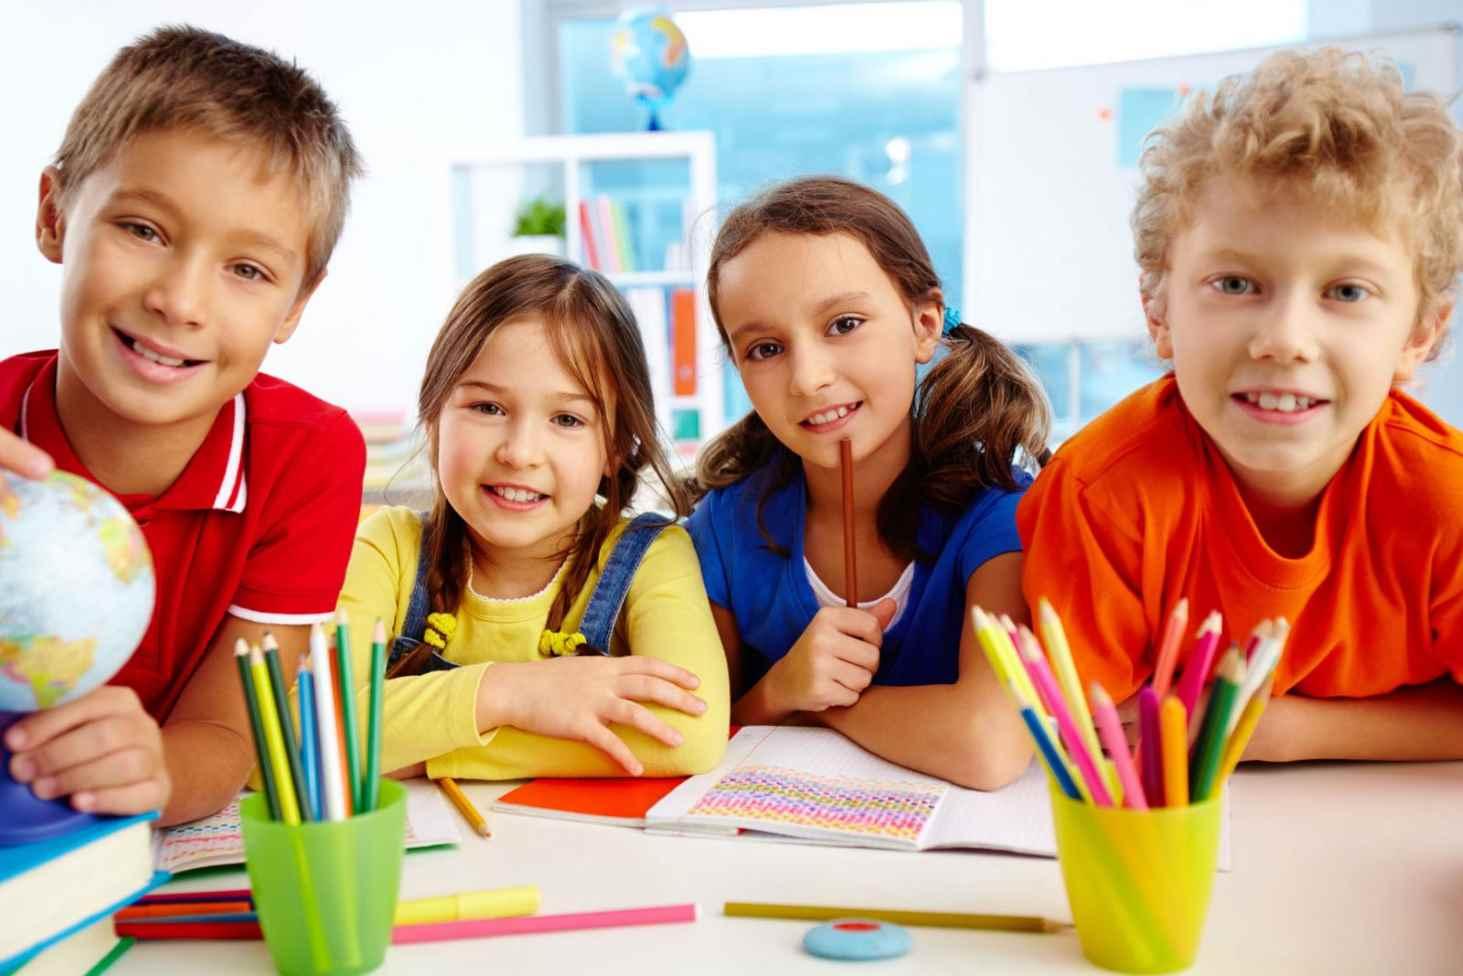 tret-rossijskih-shkolnikov-zayavila-chto-shkola-ne-dayot-im-glubokih-znanij